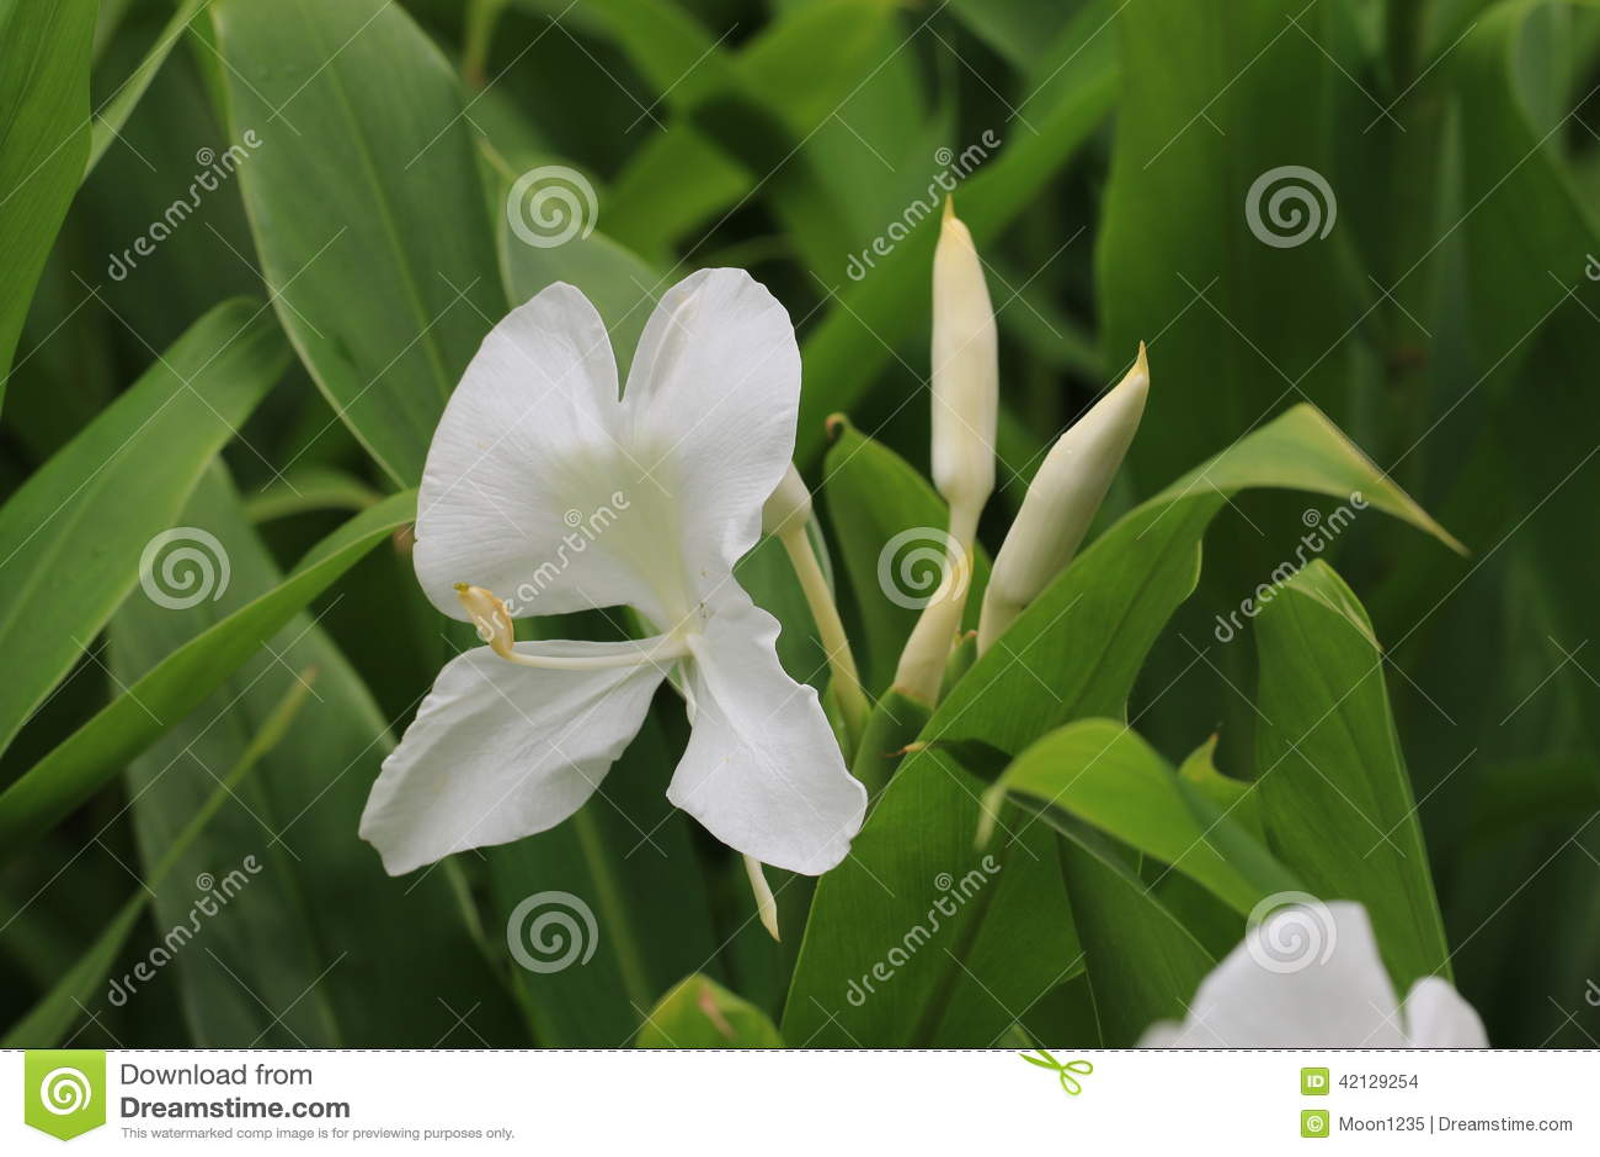 Ginger Lily-Blume und Knospe, Schmetterlings-Ingwer, Schmetterlings-Lilie, Garland Flower